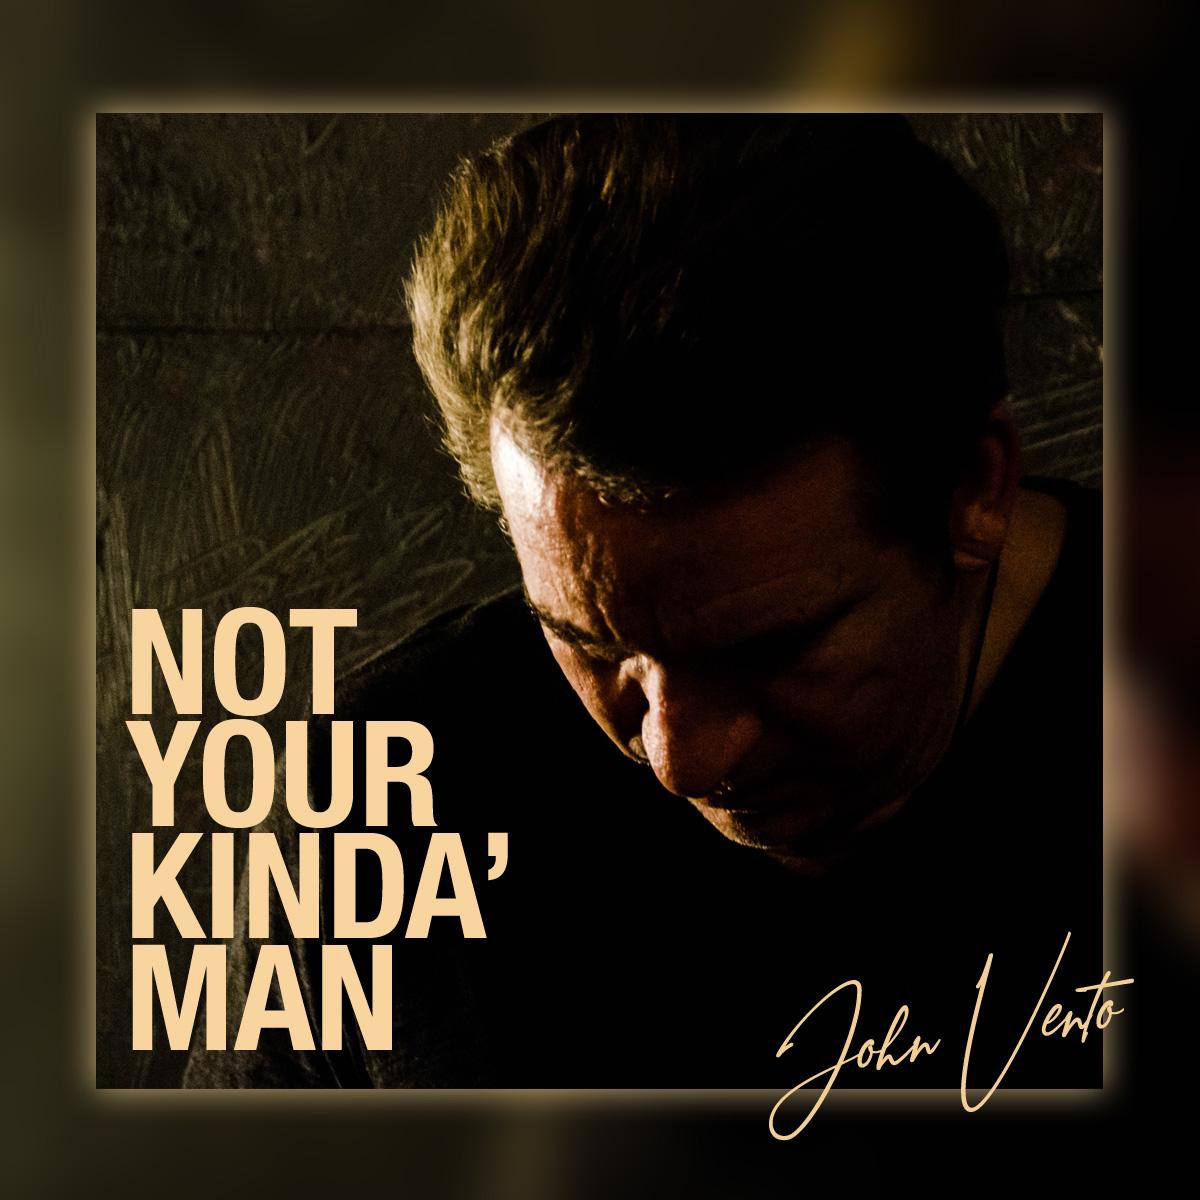 Not-Your-Kinda-Man-art